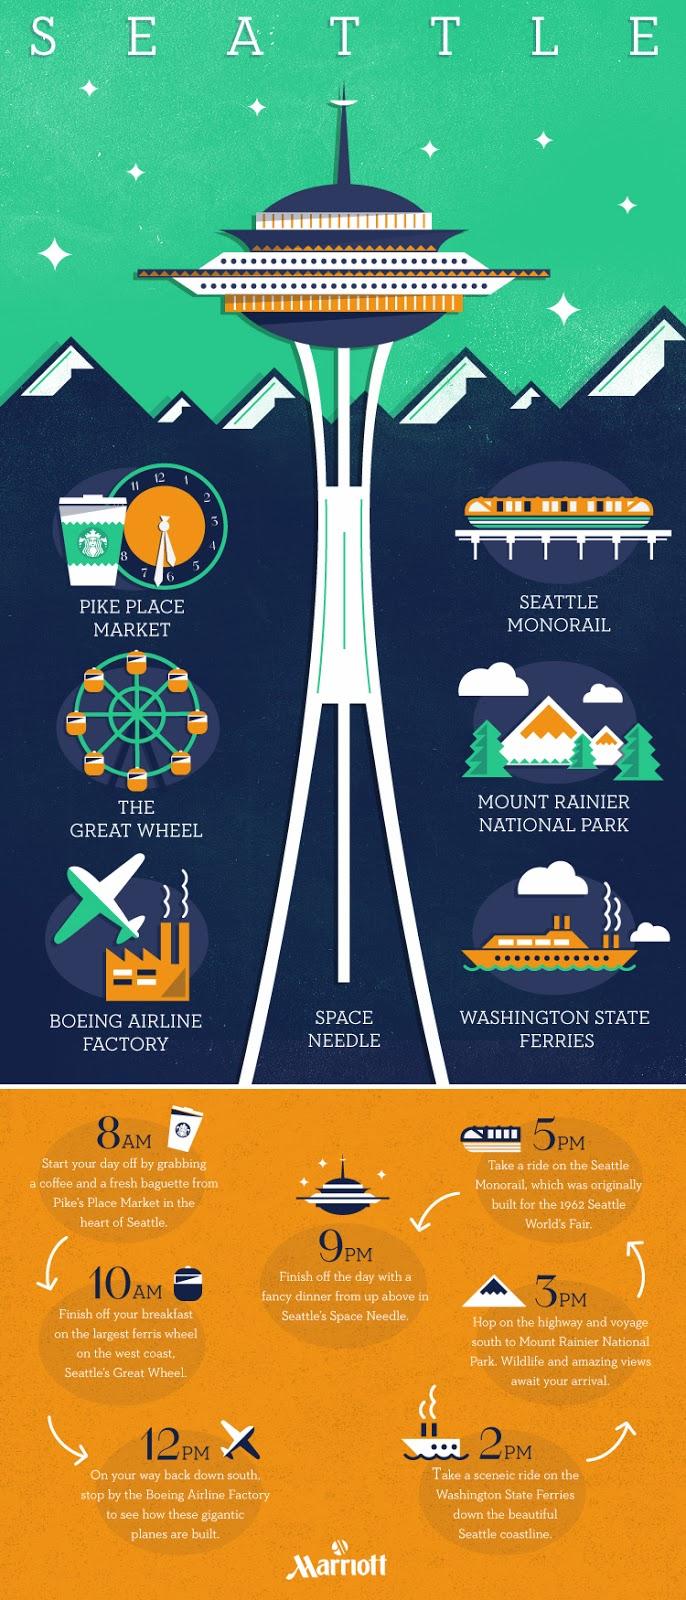 http://3.bp.blogspot.com/-ftgkcxeXI2w/UwN-7sOOAyI/AAAAAAAAco4/9f2-9JVhB38/s1600/Seattle_Infographic.jpg